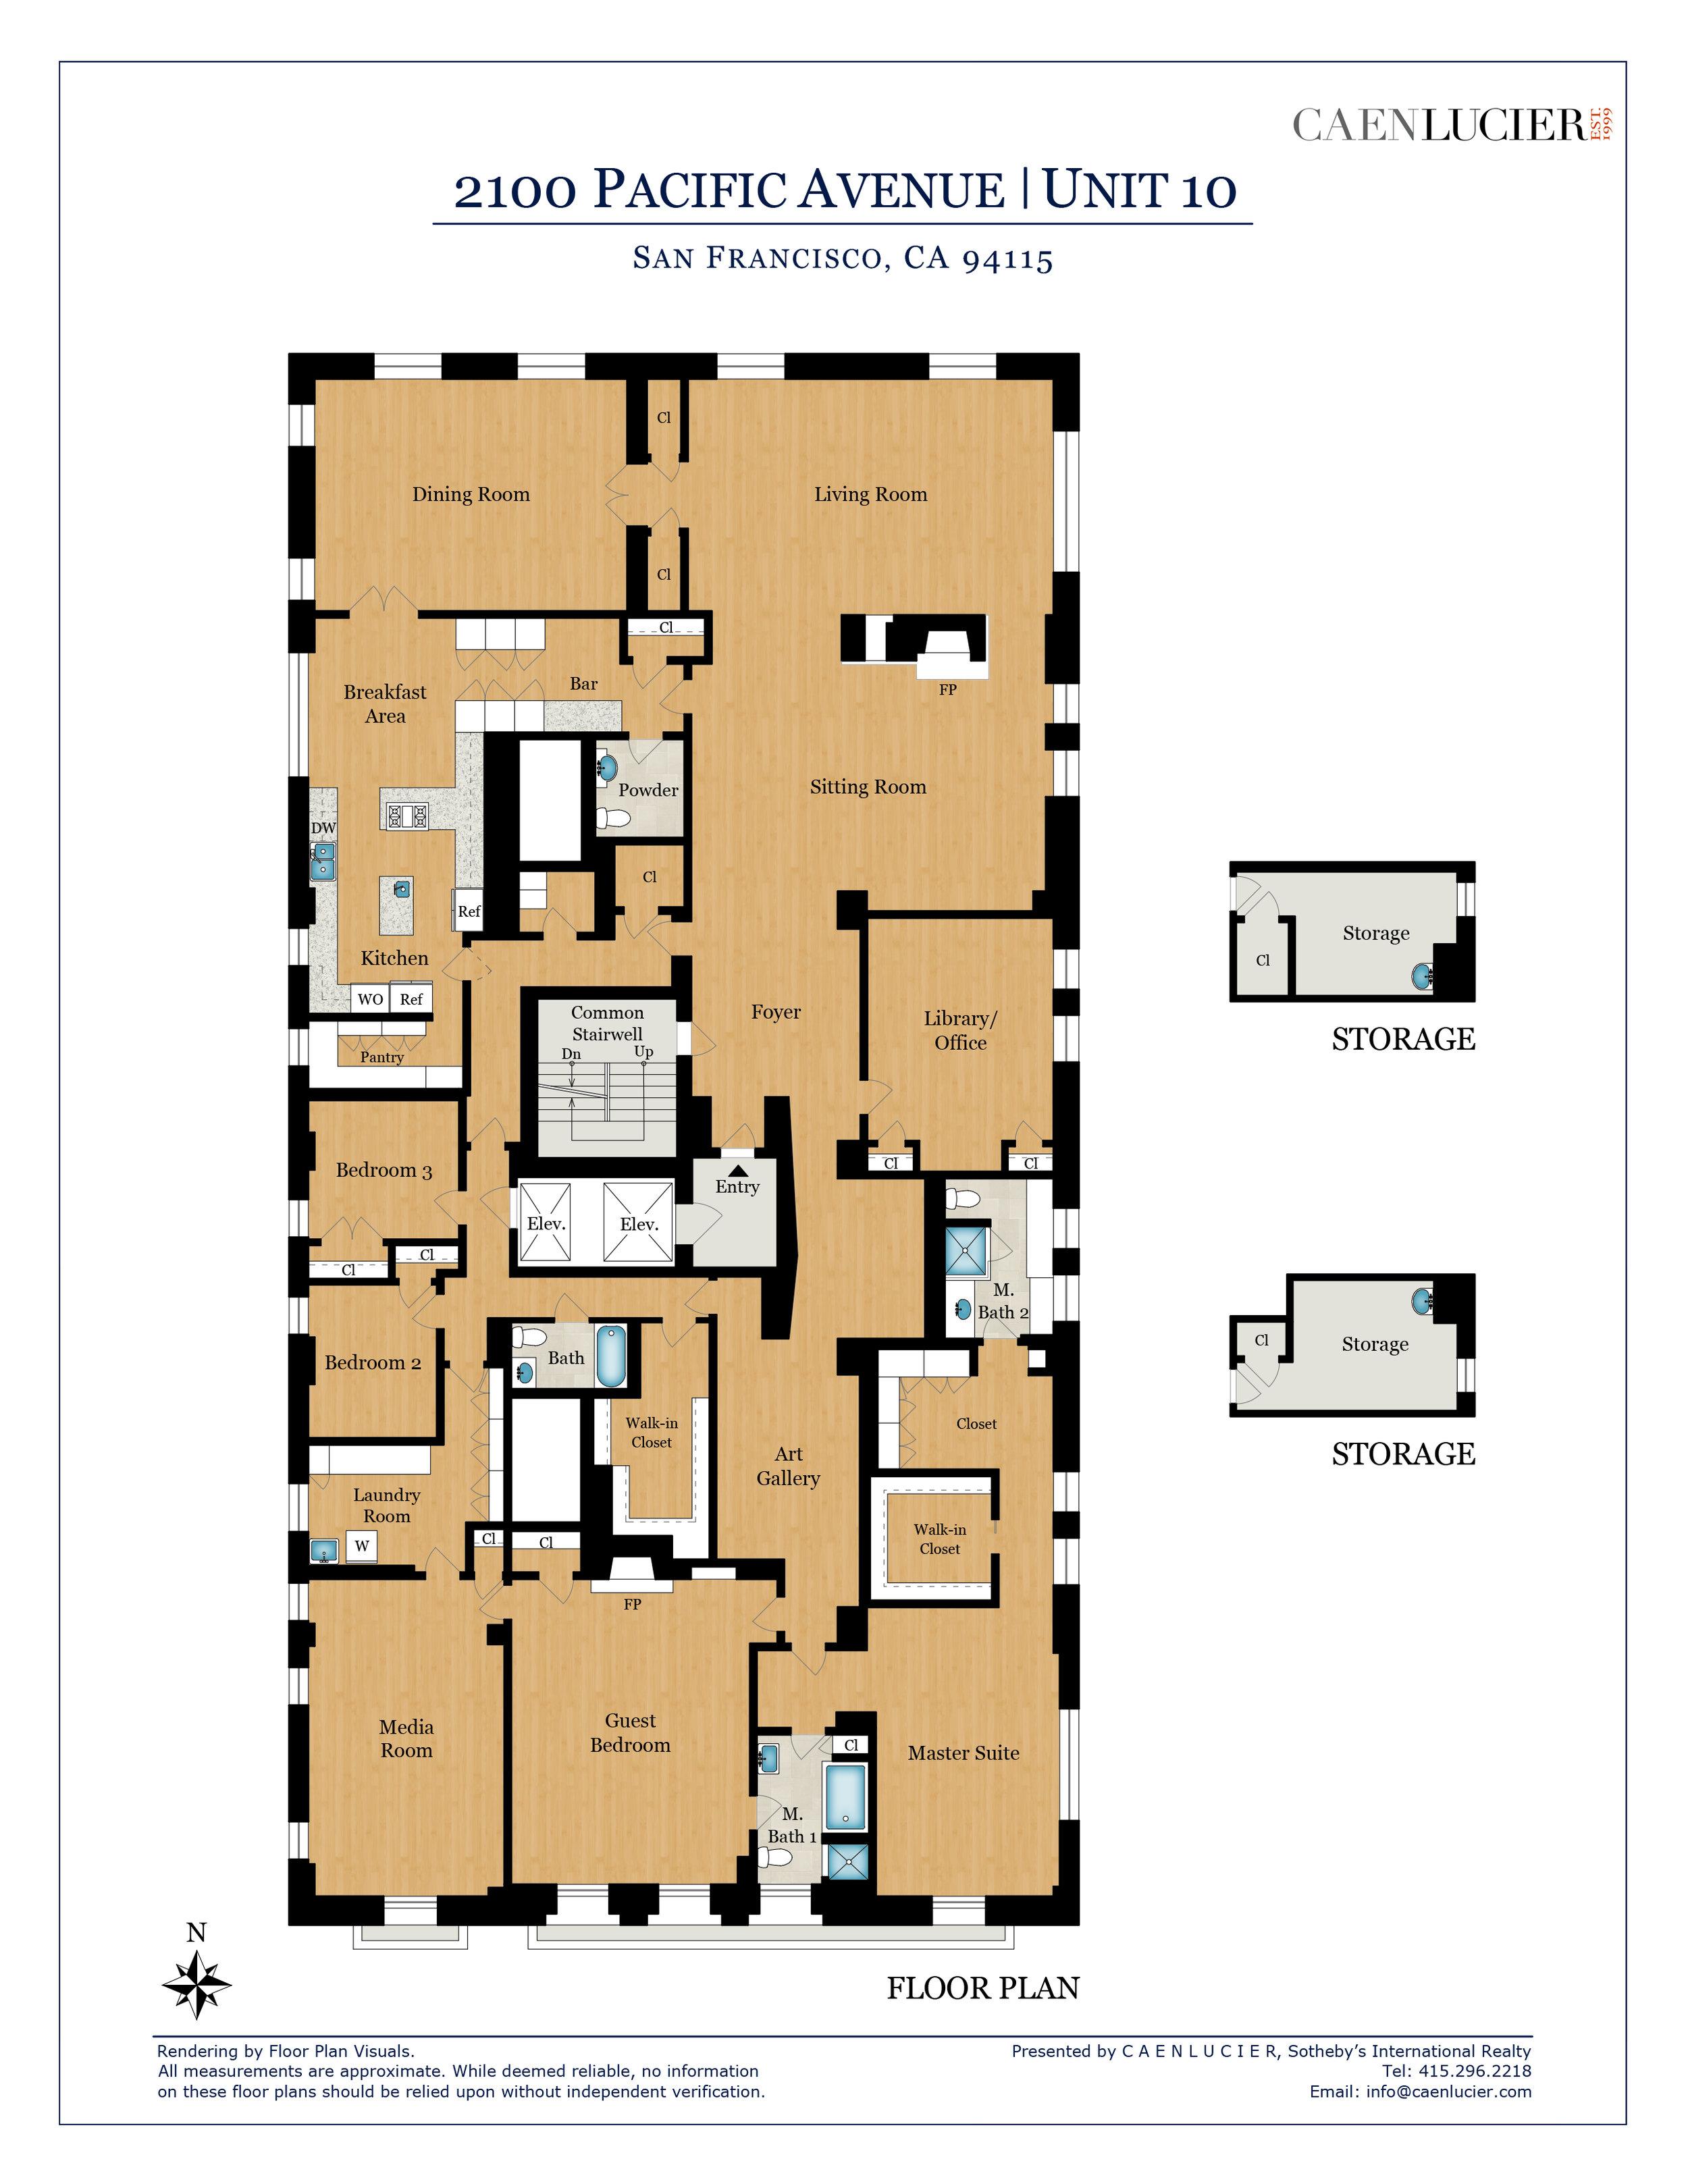 click floor plan to enlarge